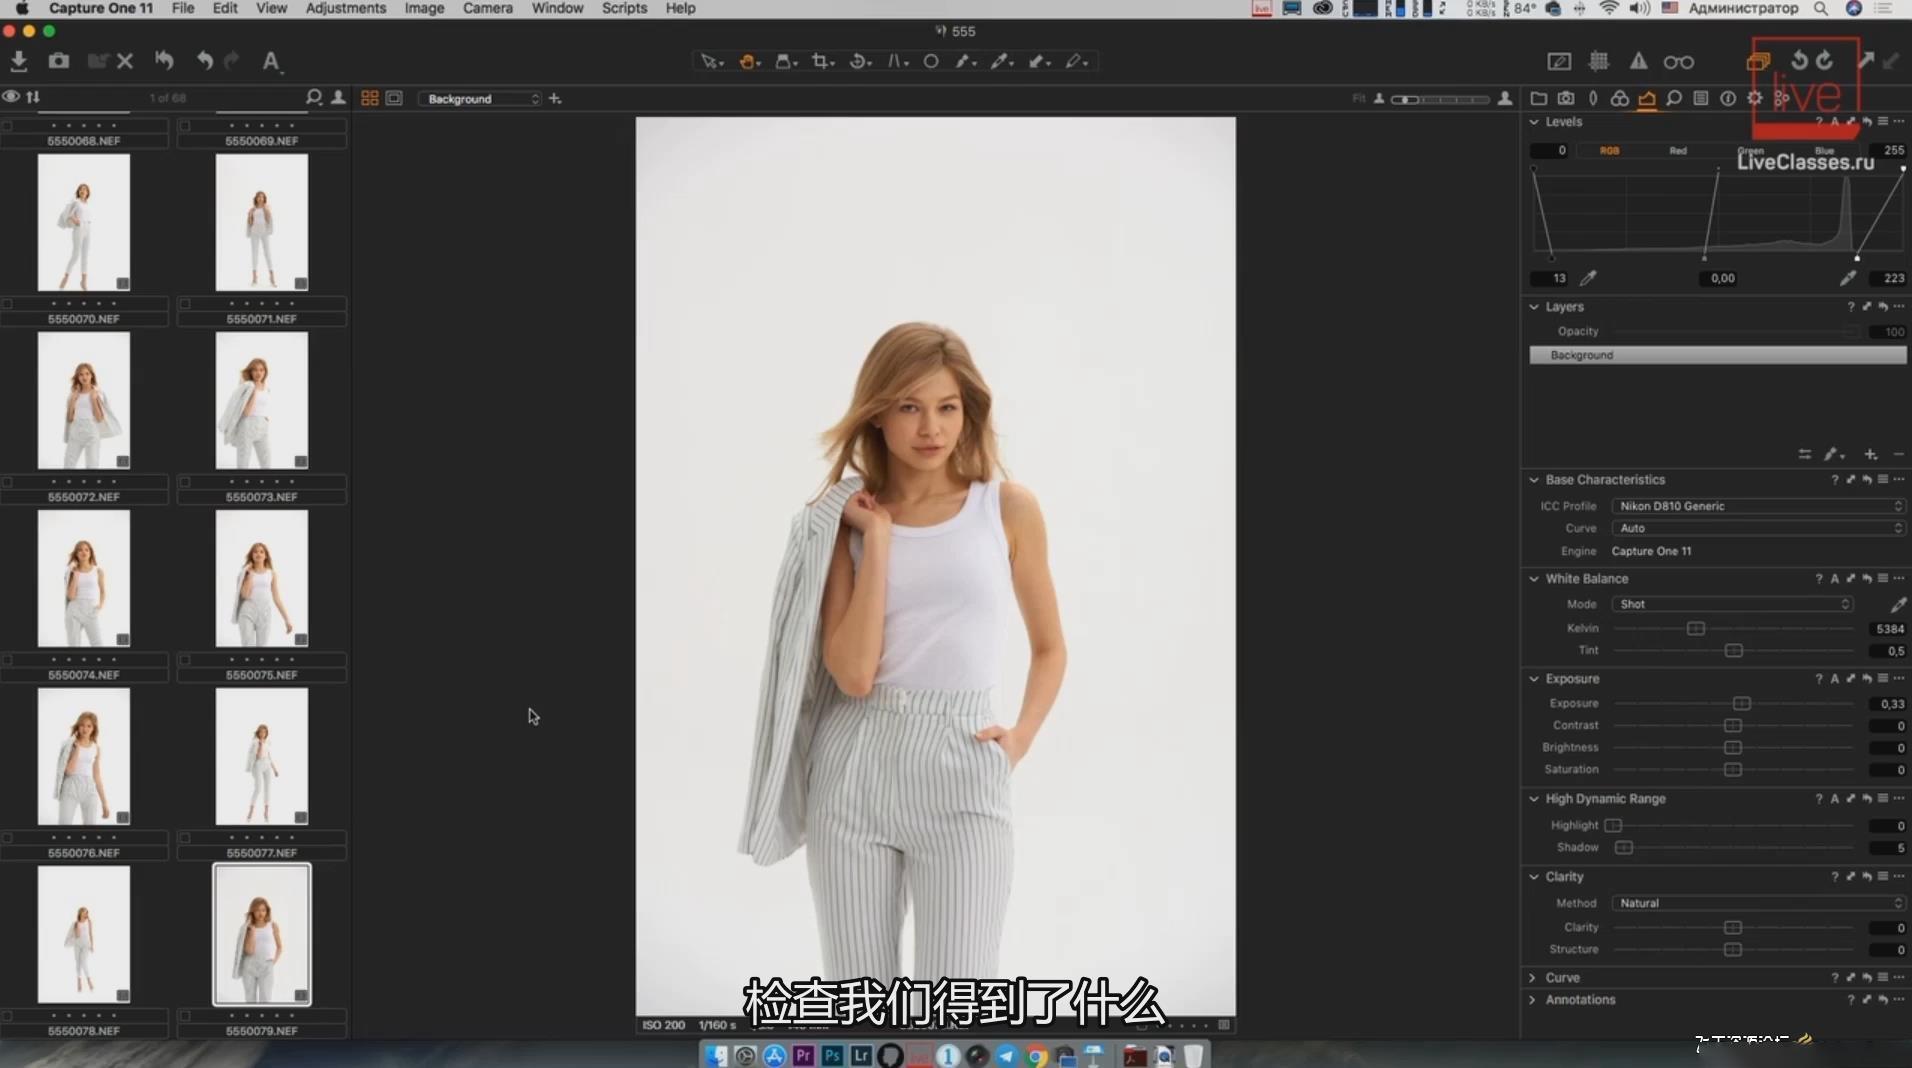 摄影教程_Liveclasses -Alexander Talyuka棚拍时尚杂志人像布光教程-中文字幕 摄影教程 _预览图3